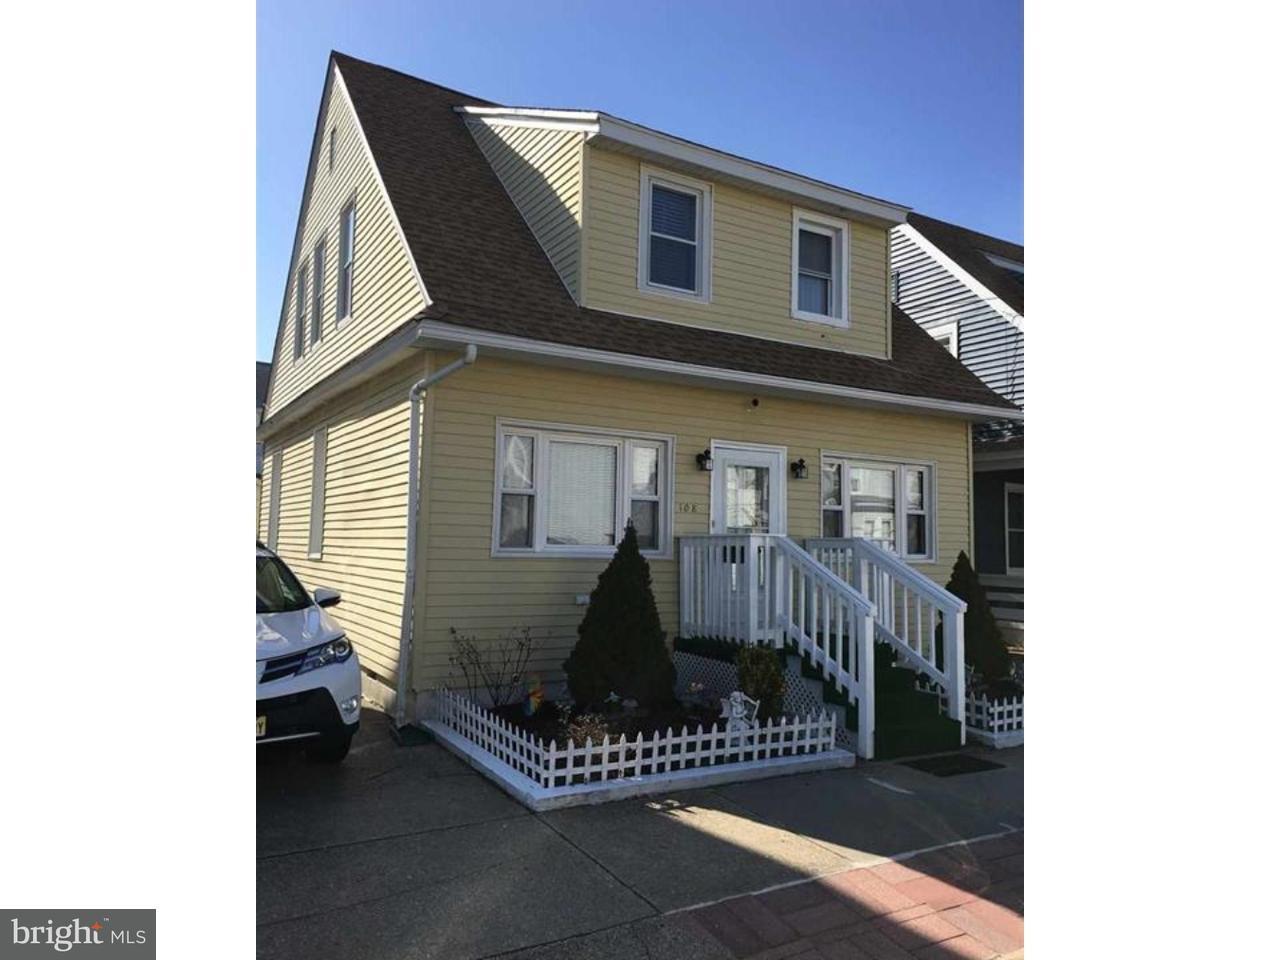 Частный односемейный дом для того Продажа на 108 N NEWPORT Avenue Ventnor City, Нью-Джерси 08406 Соединенные Штаты